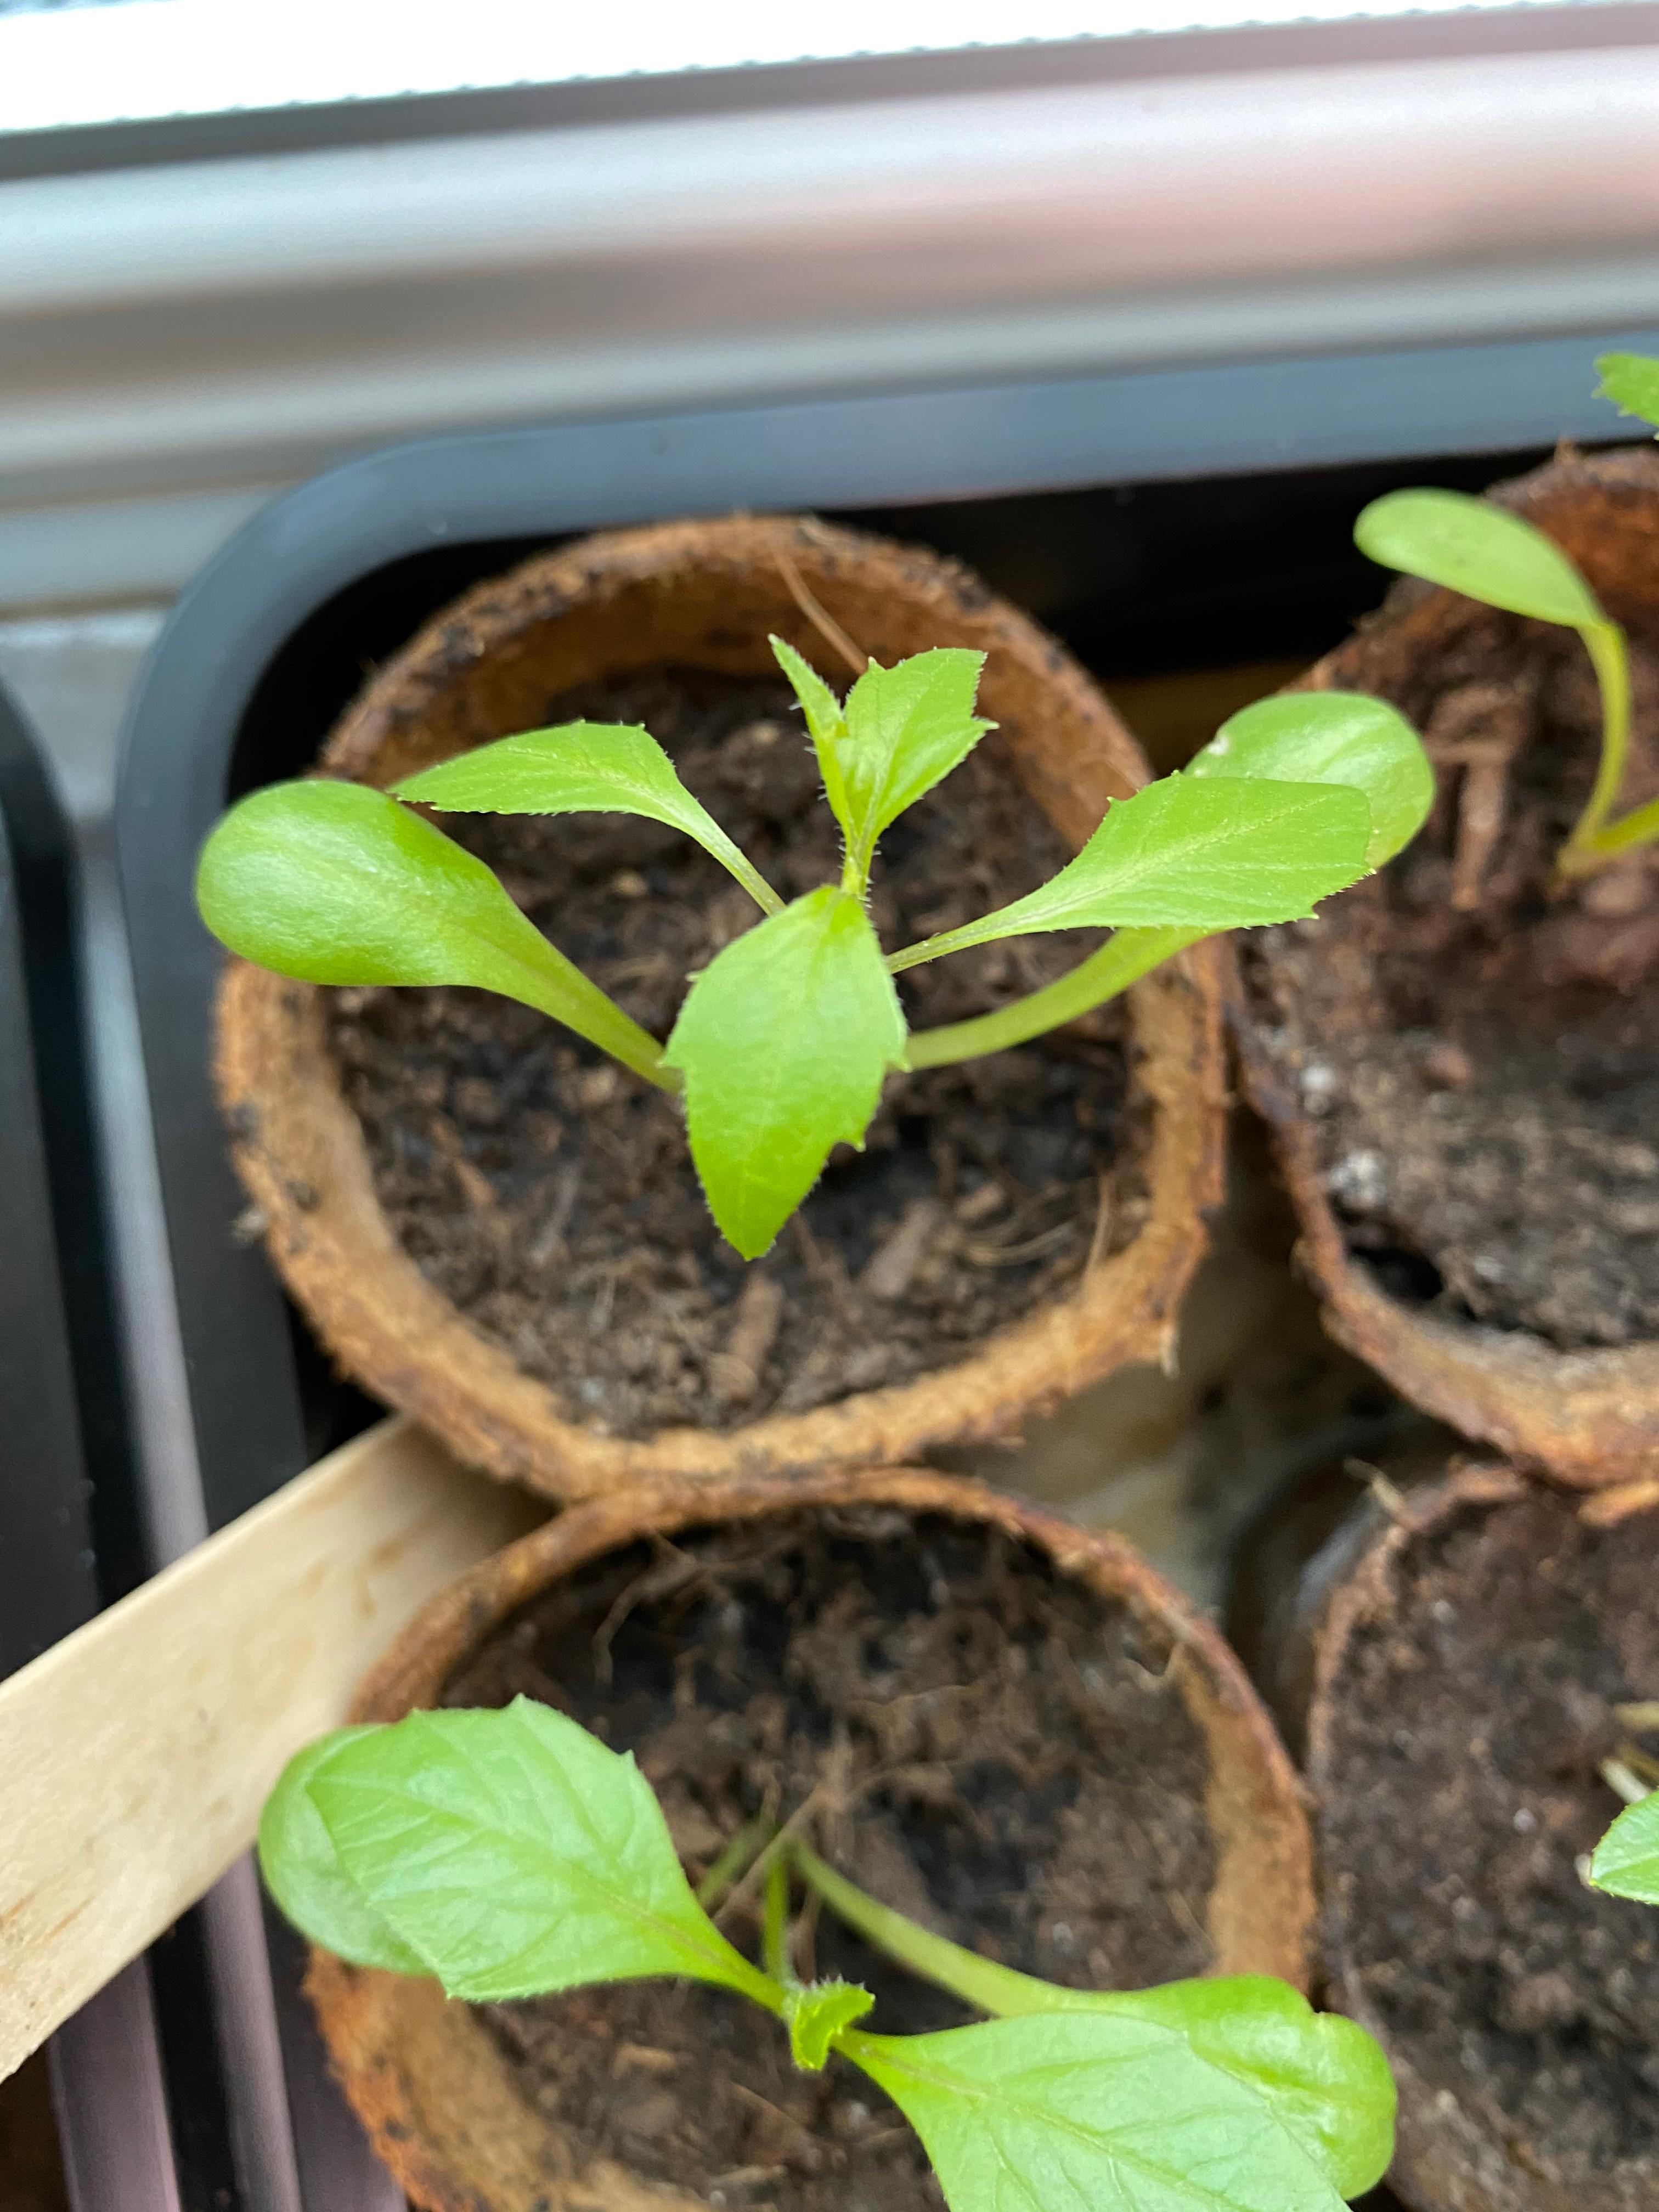 Dahlia seed progess